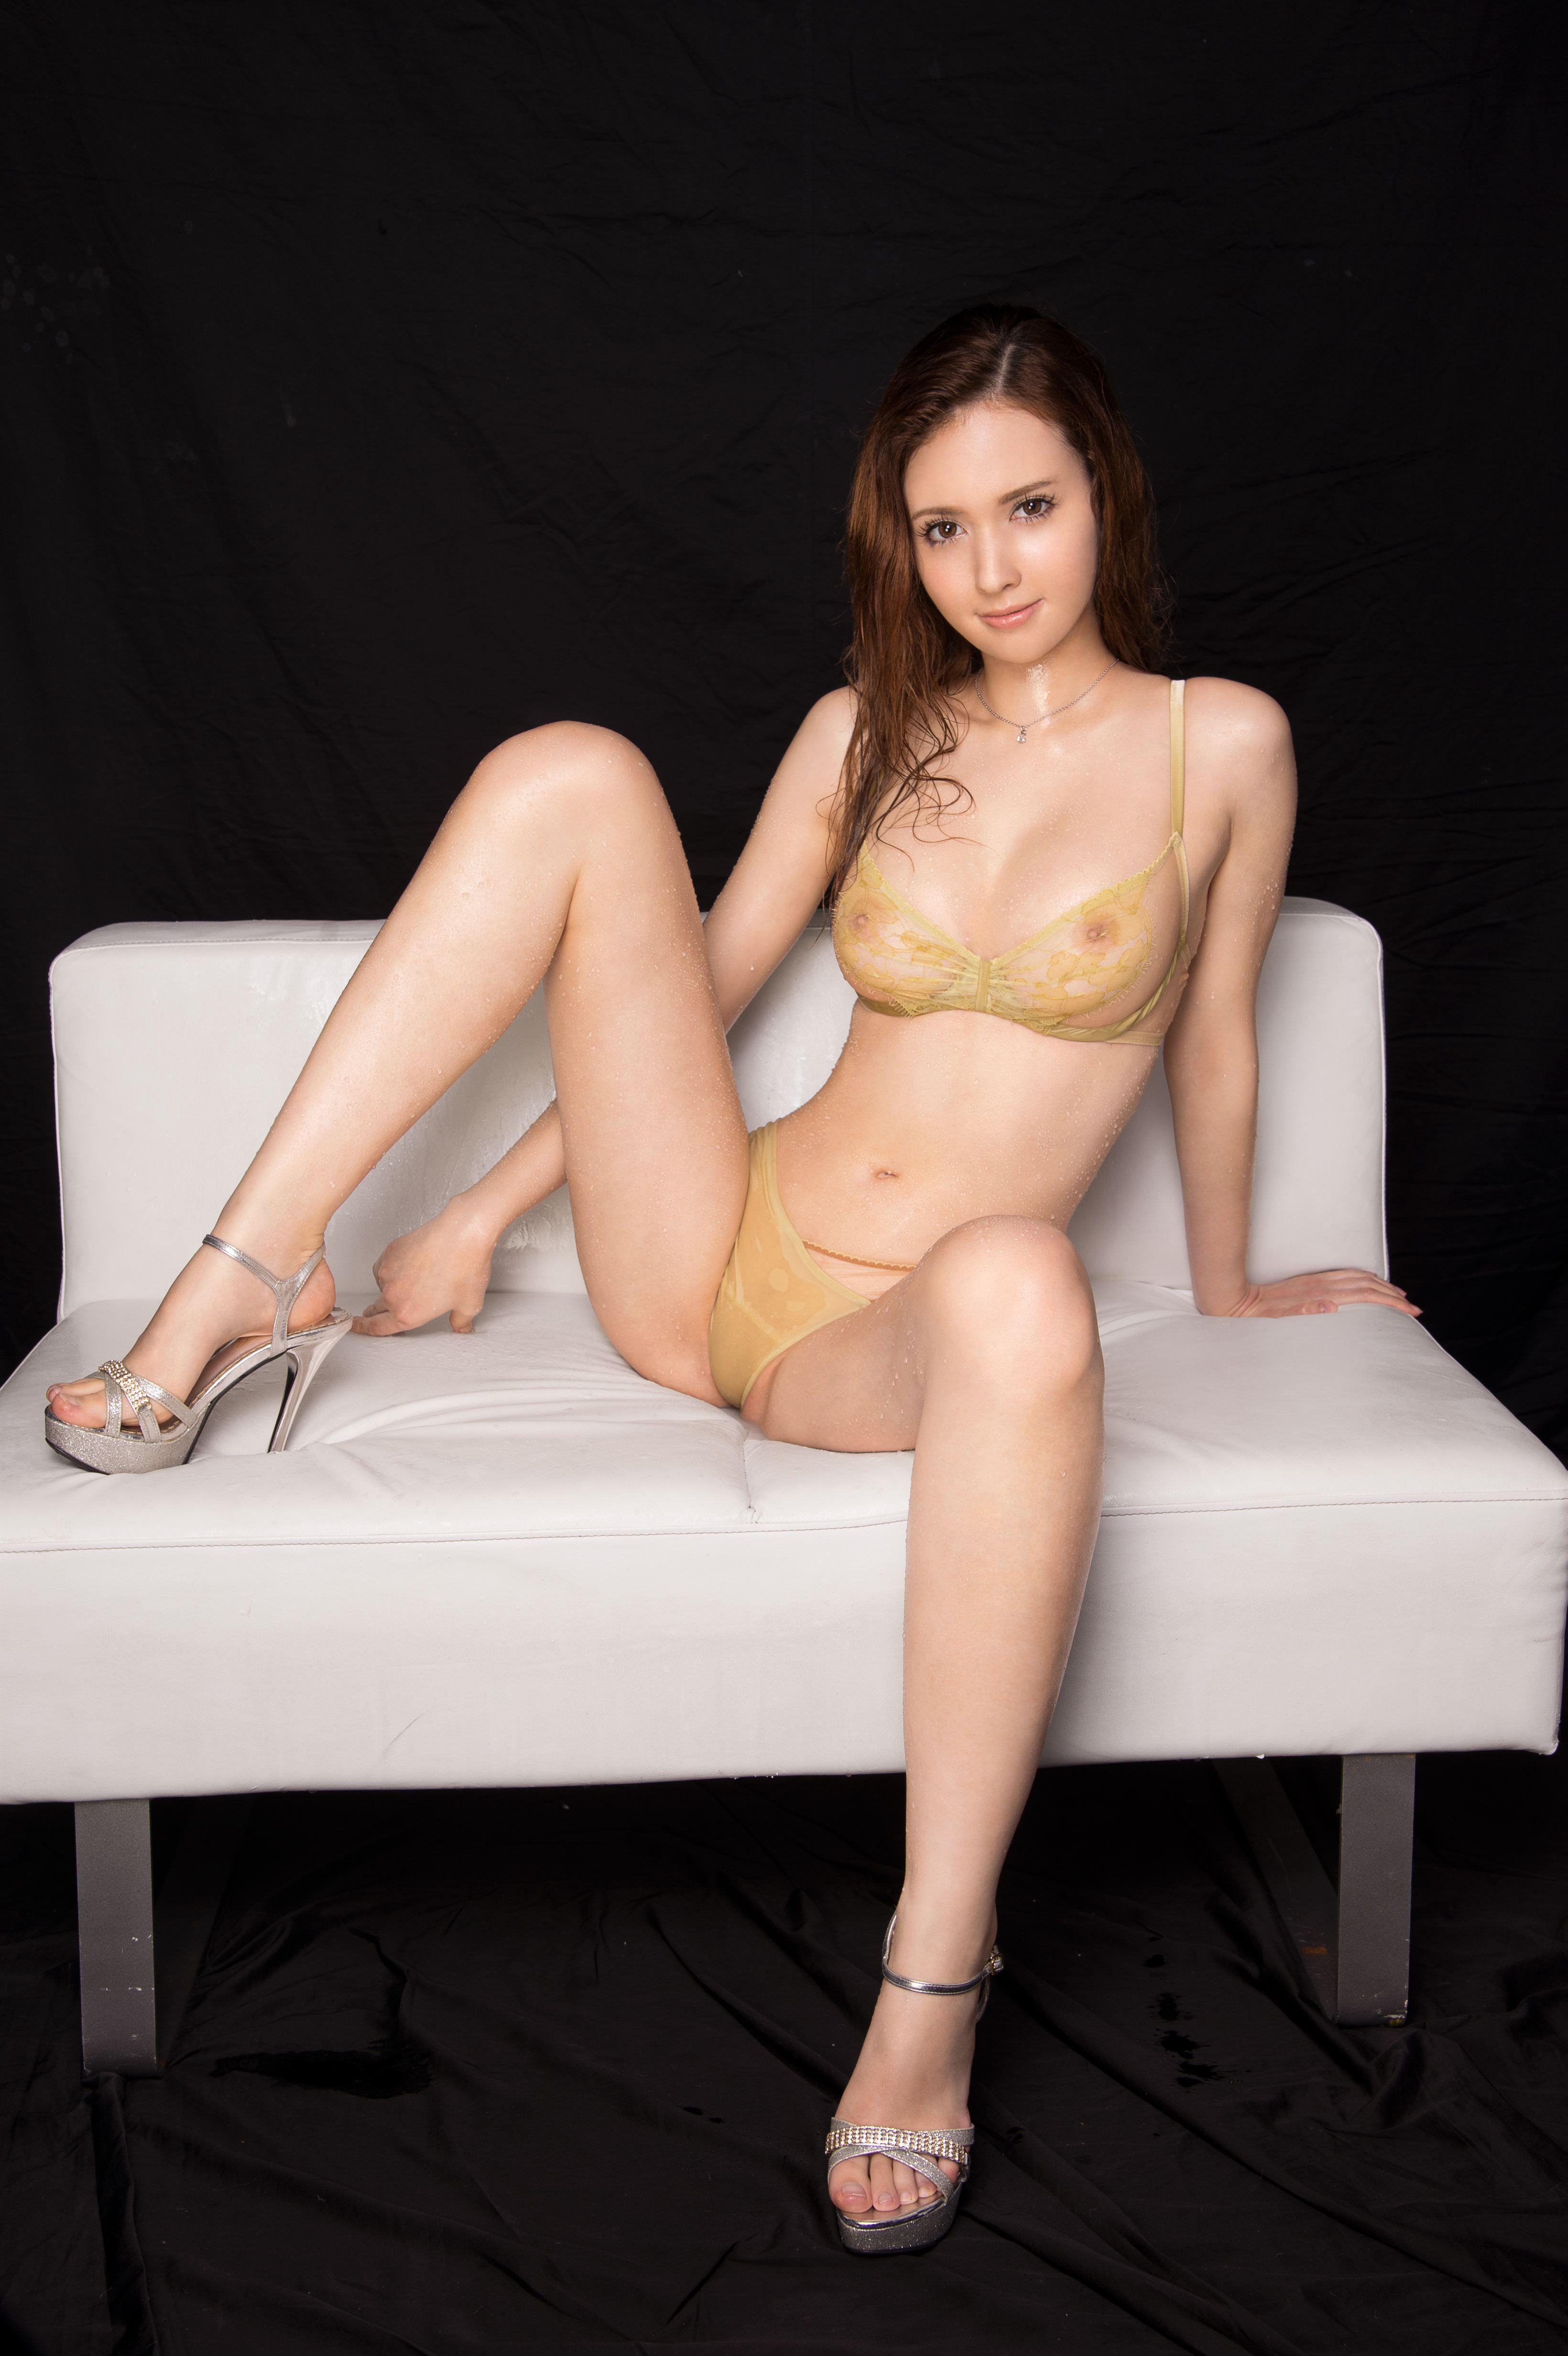 asian model star